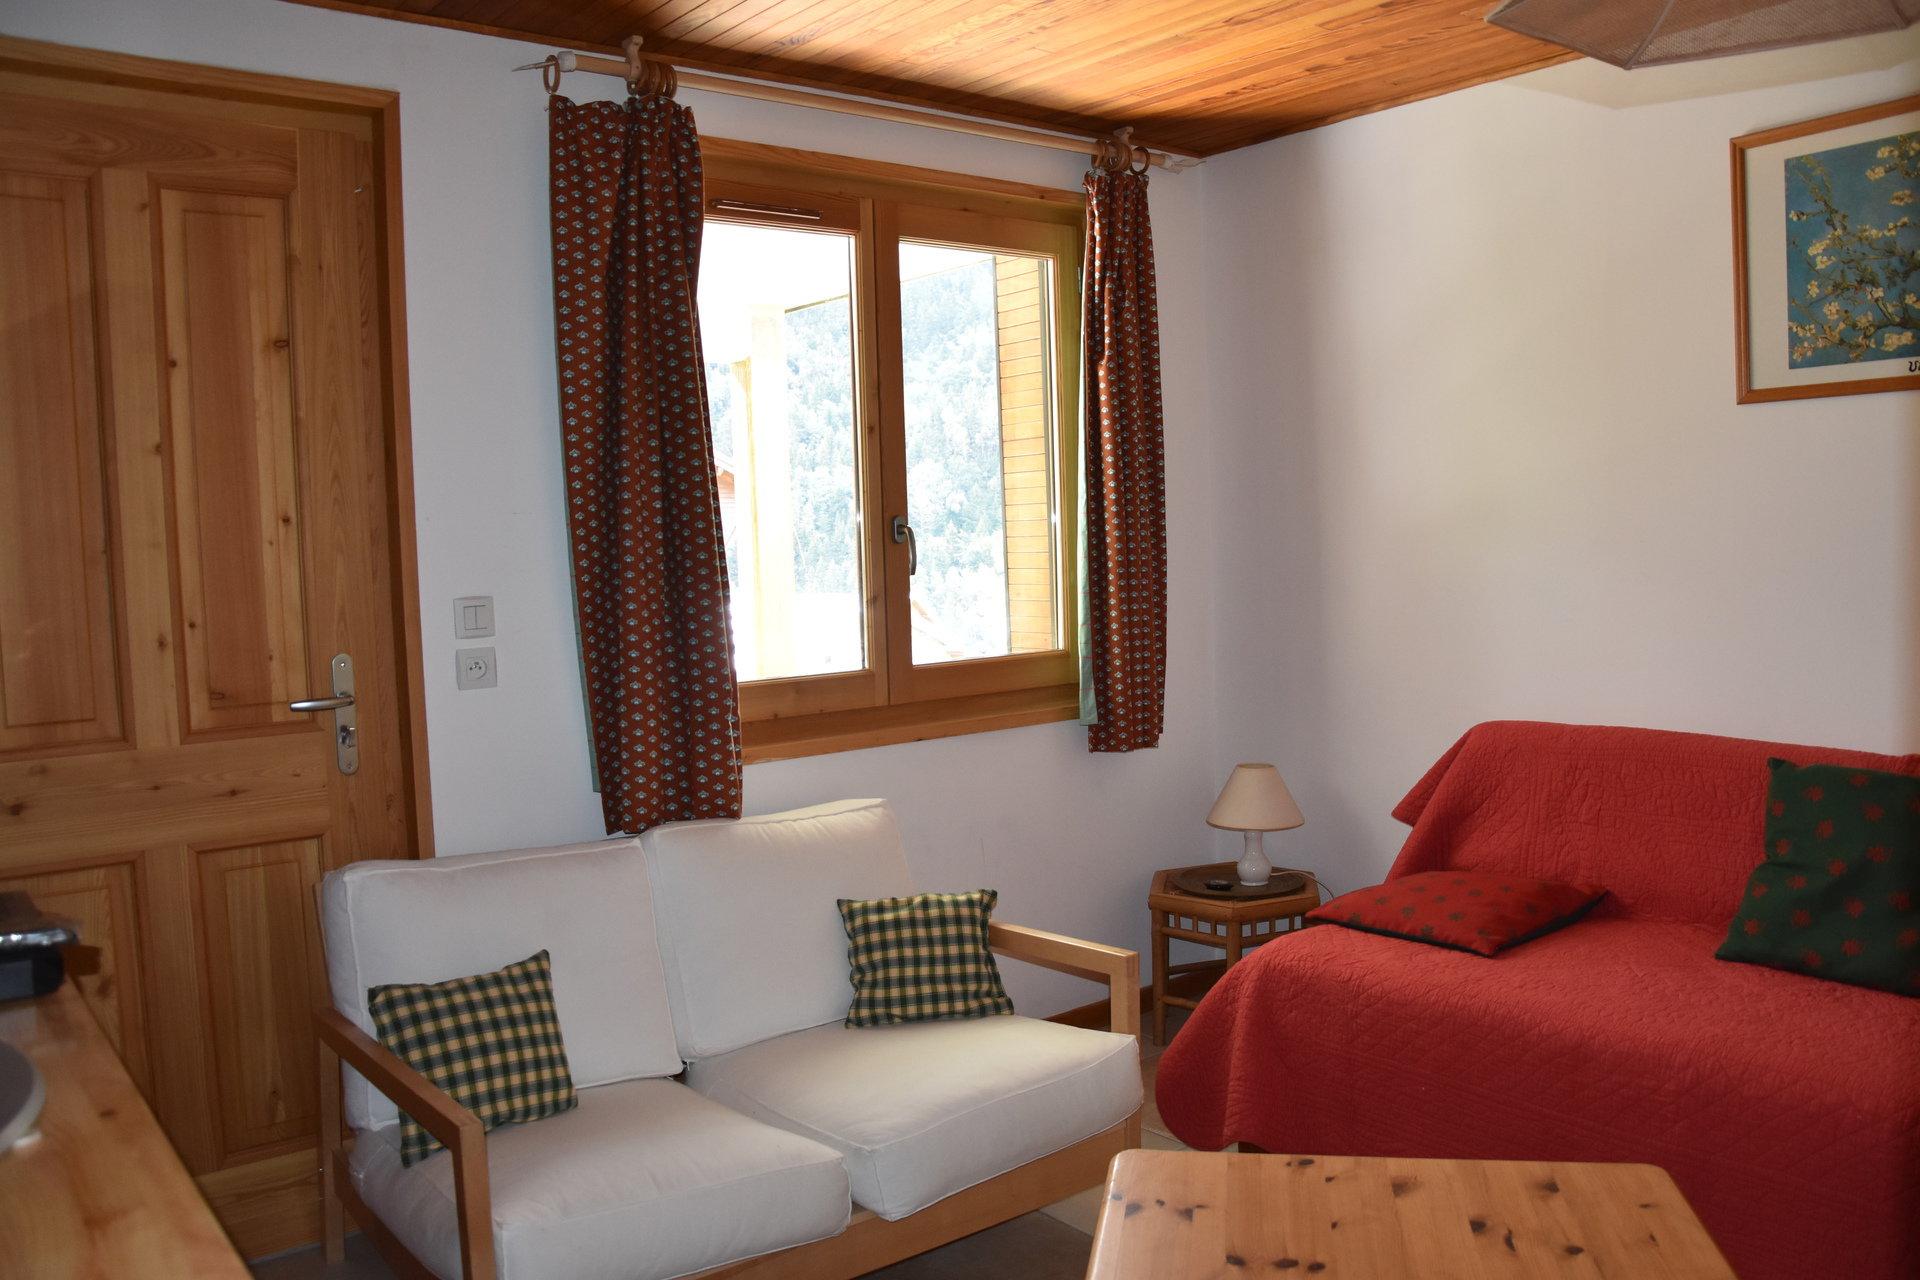 Rental reference : RAMEAUXRDJ to Pralognan la Vanoise